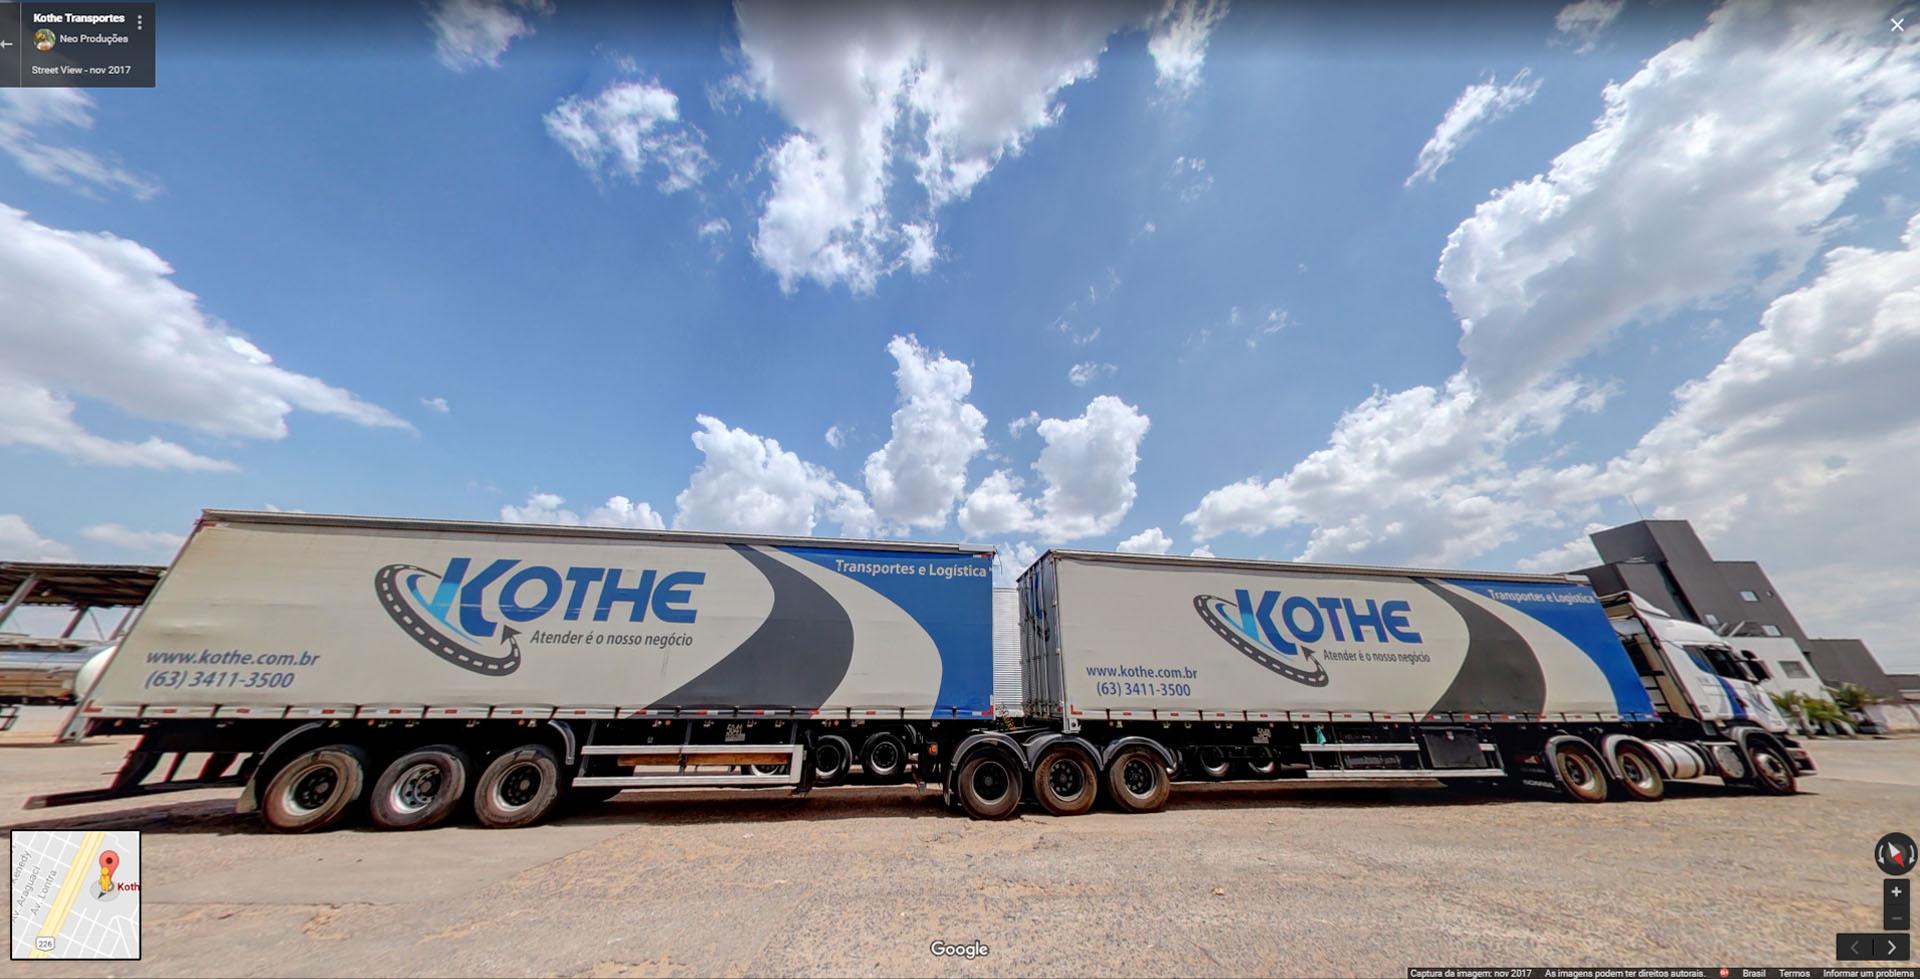 Kothe Transportes